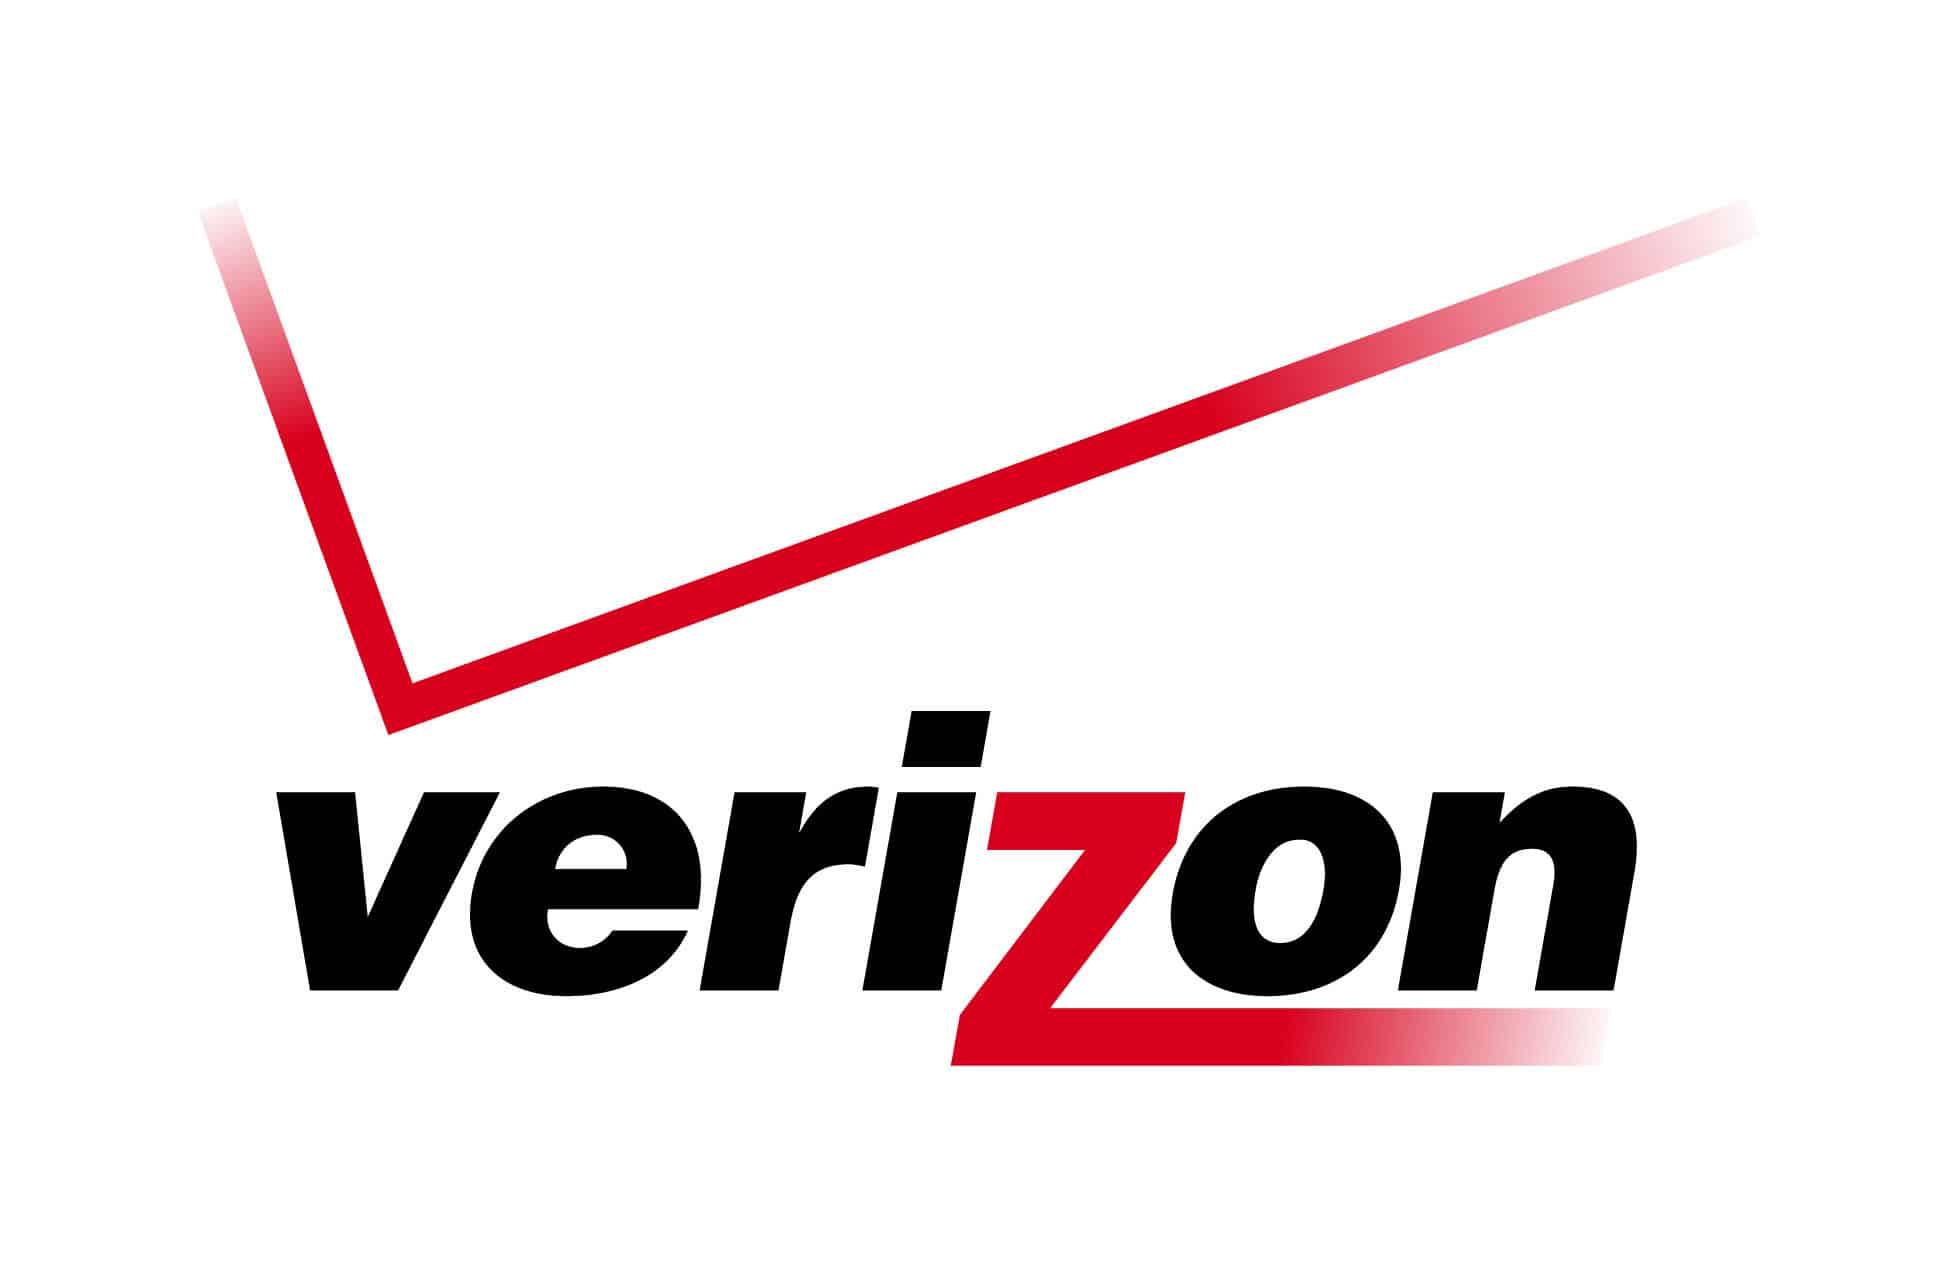 Les tests 5G de chez Verizon, promettent des débits hallucinants